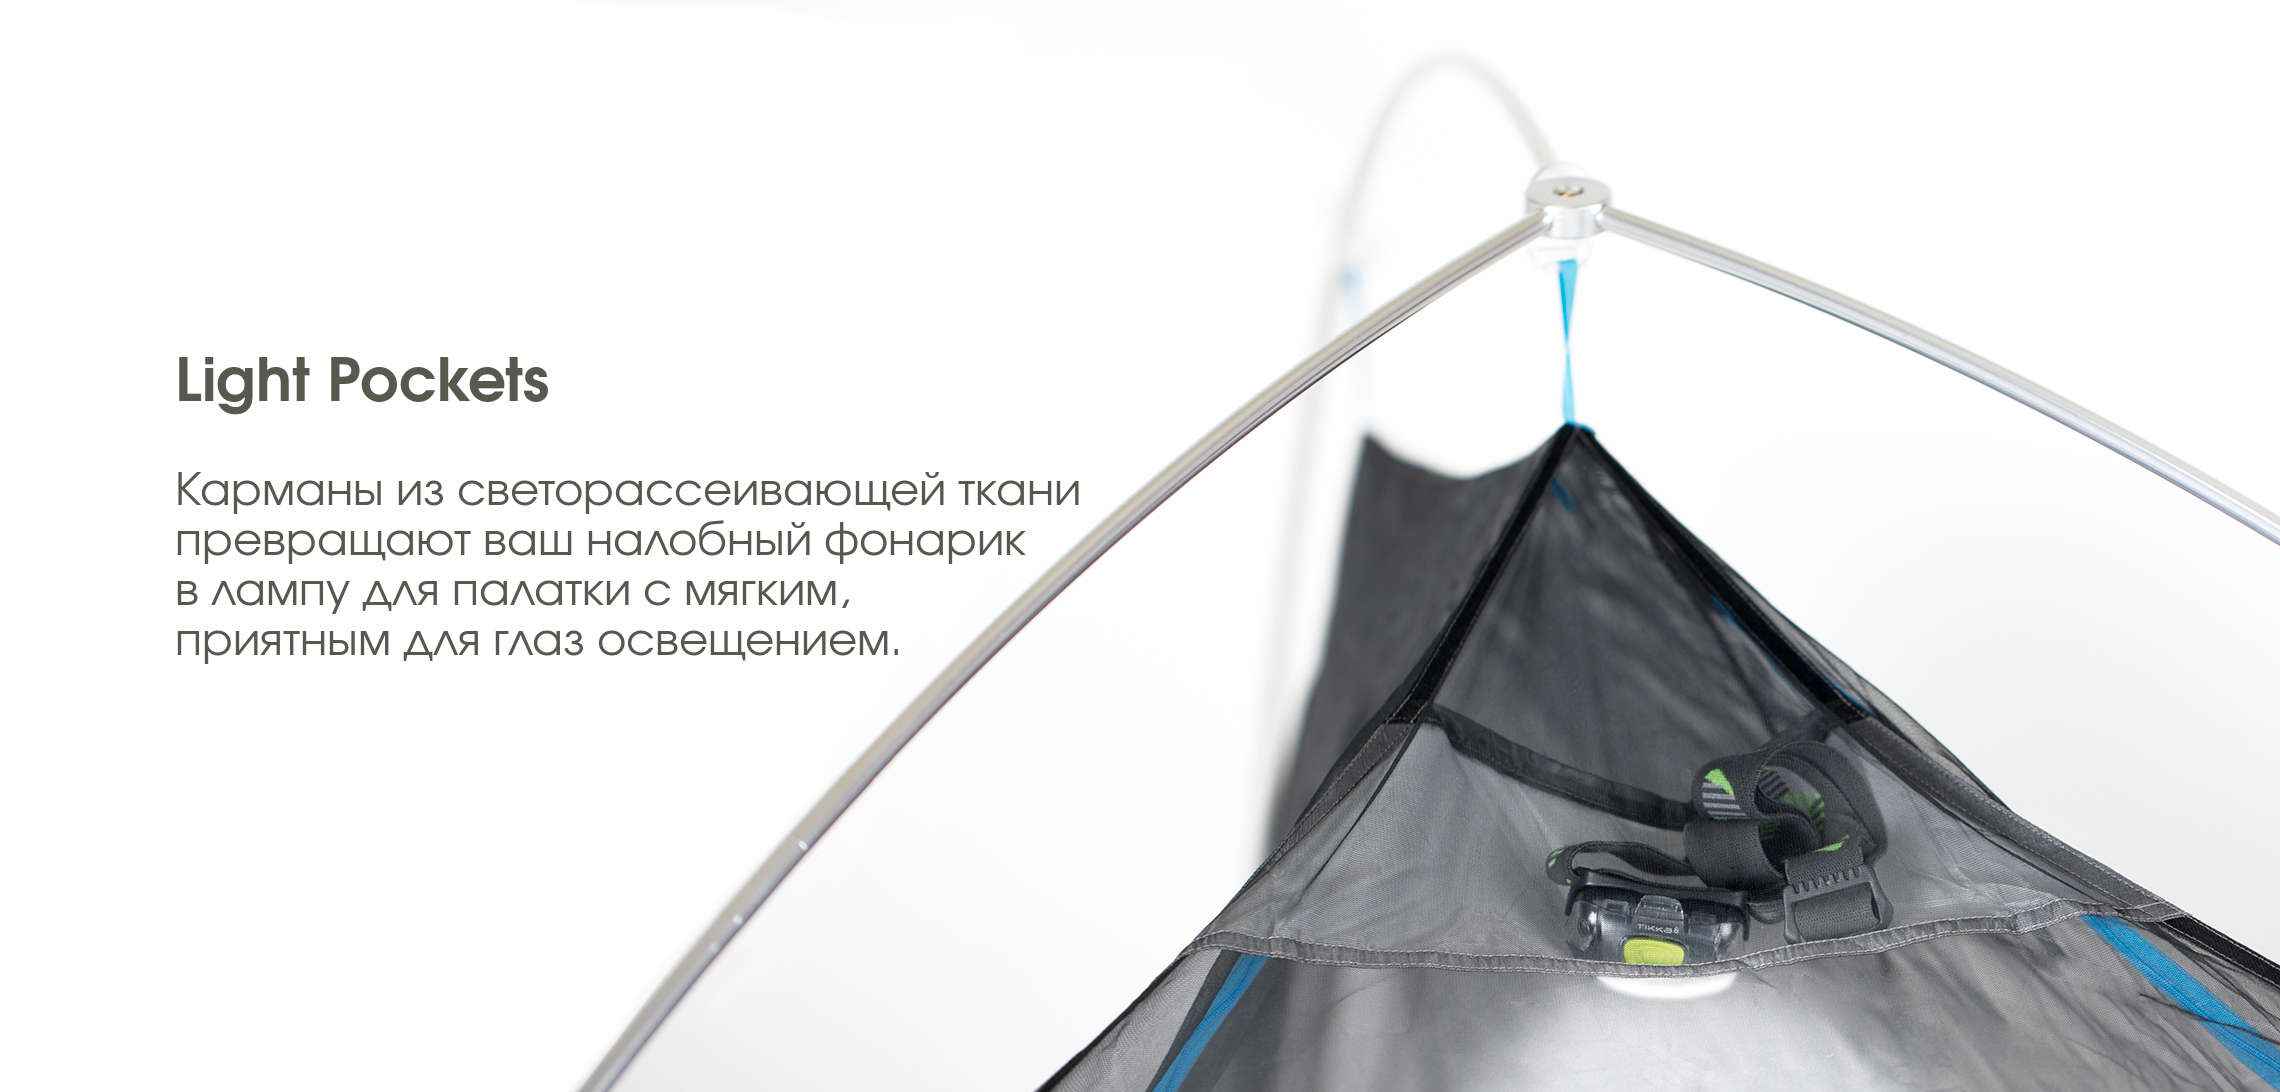 NEMO Light Pockets